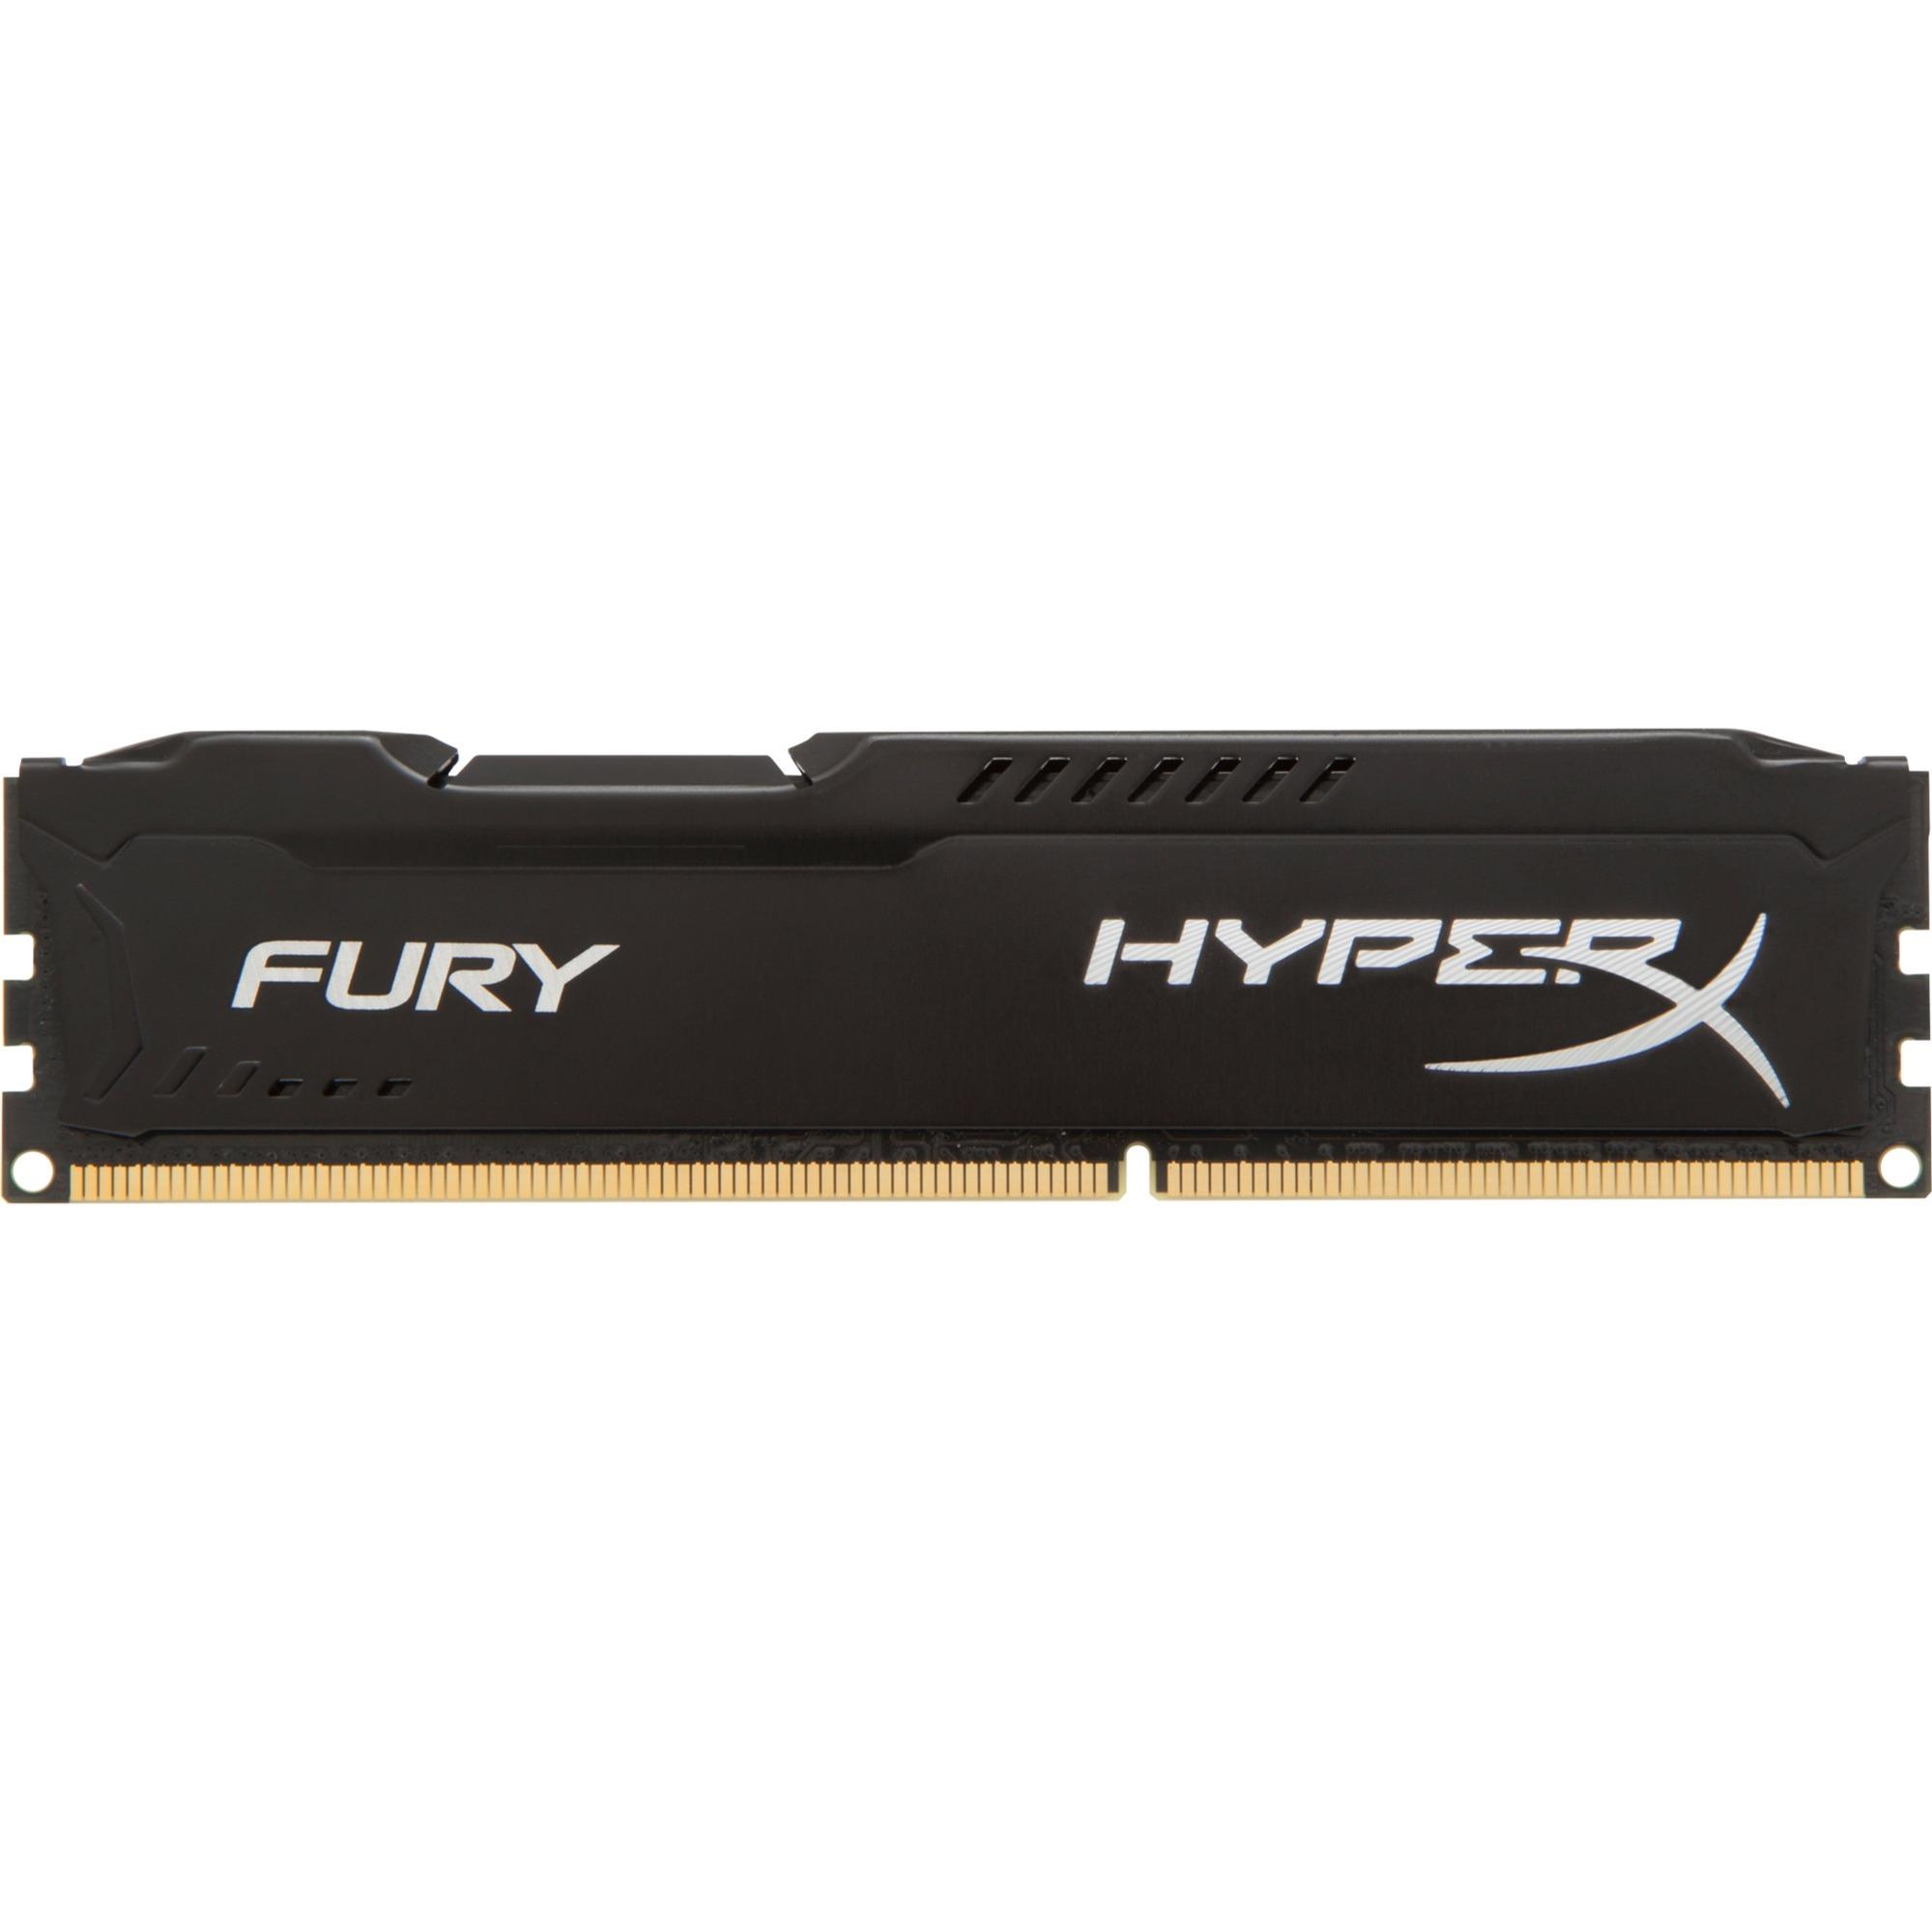 Fury 8 Go DDR3 1600 MHz CL10, Mémoire